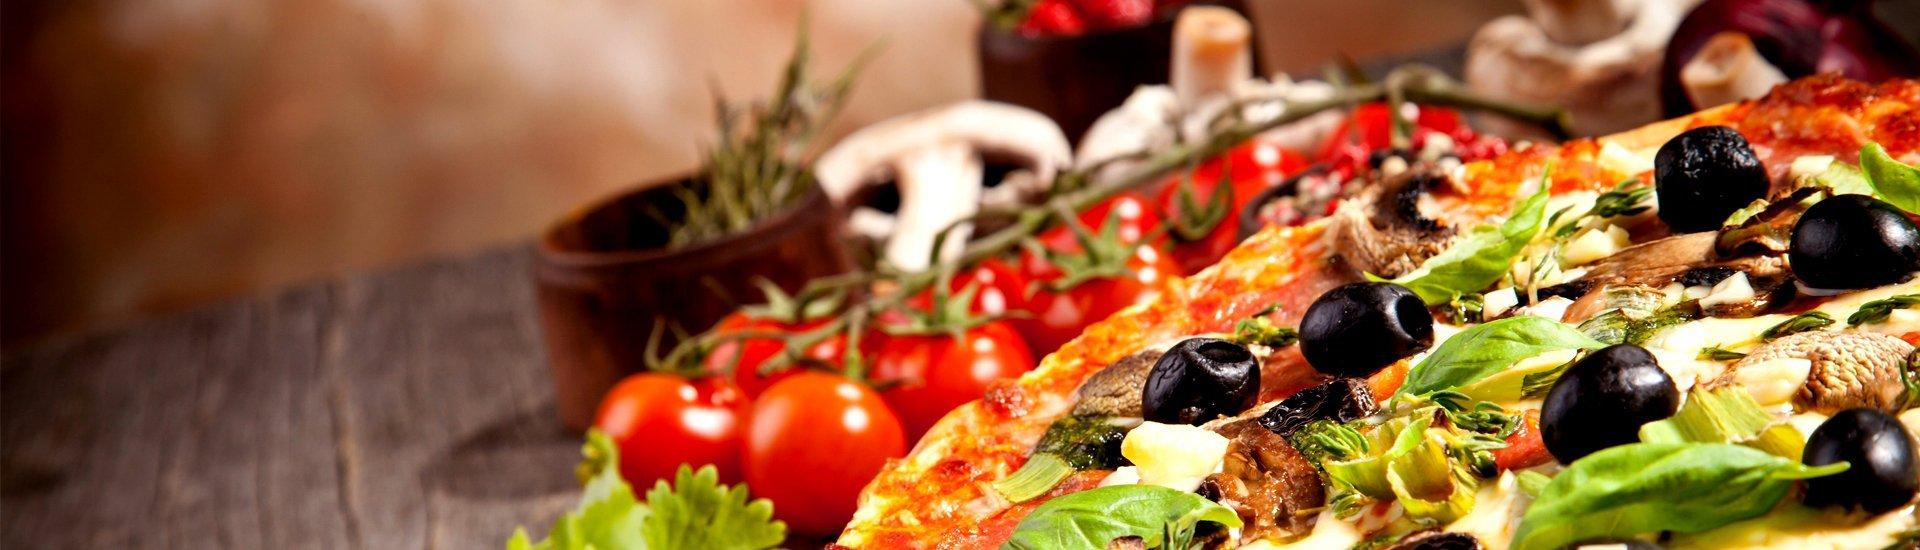 Navštívte našu novootvorenú reštauráciu cez týždeň počas obedov.